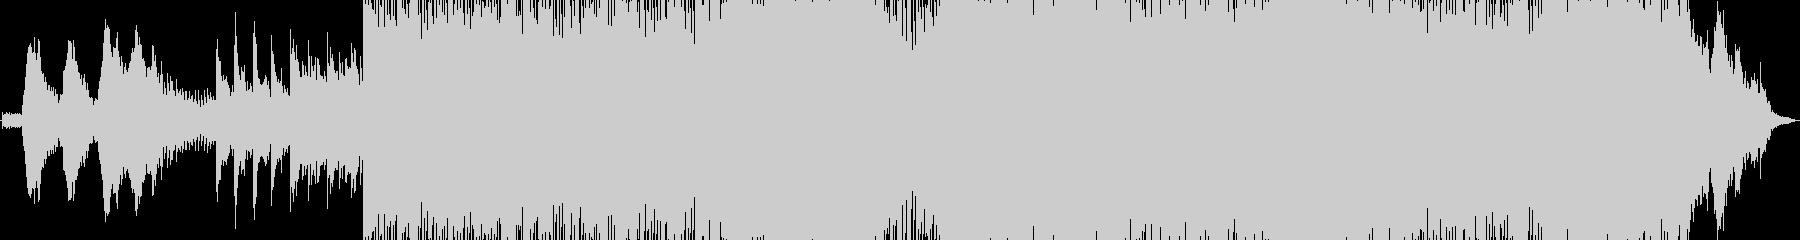 蜃気楼をイメージした幻想的な曲の未再生の波形